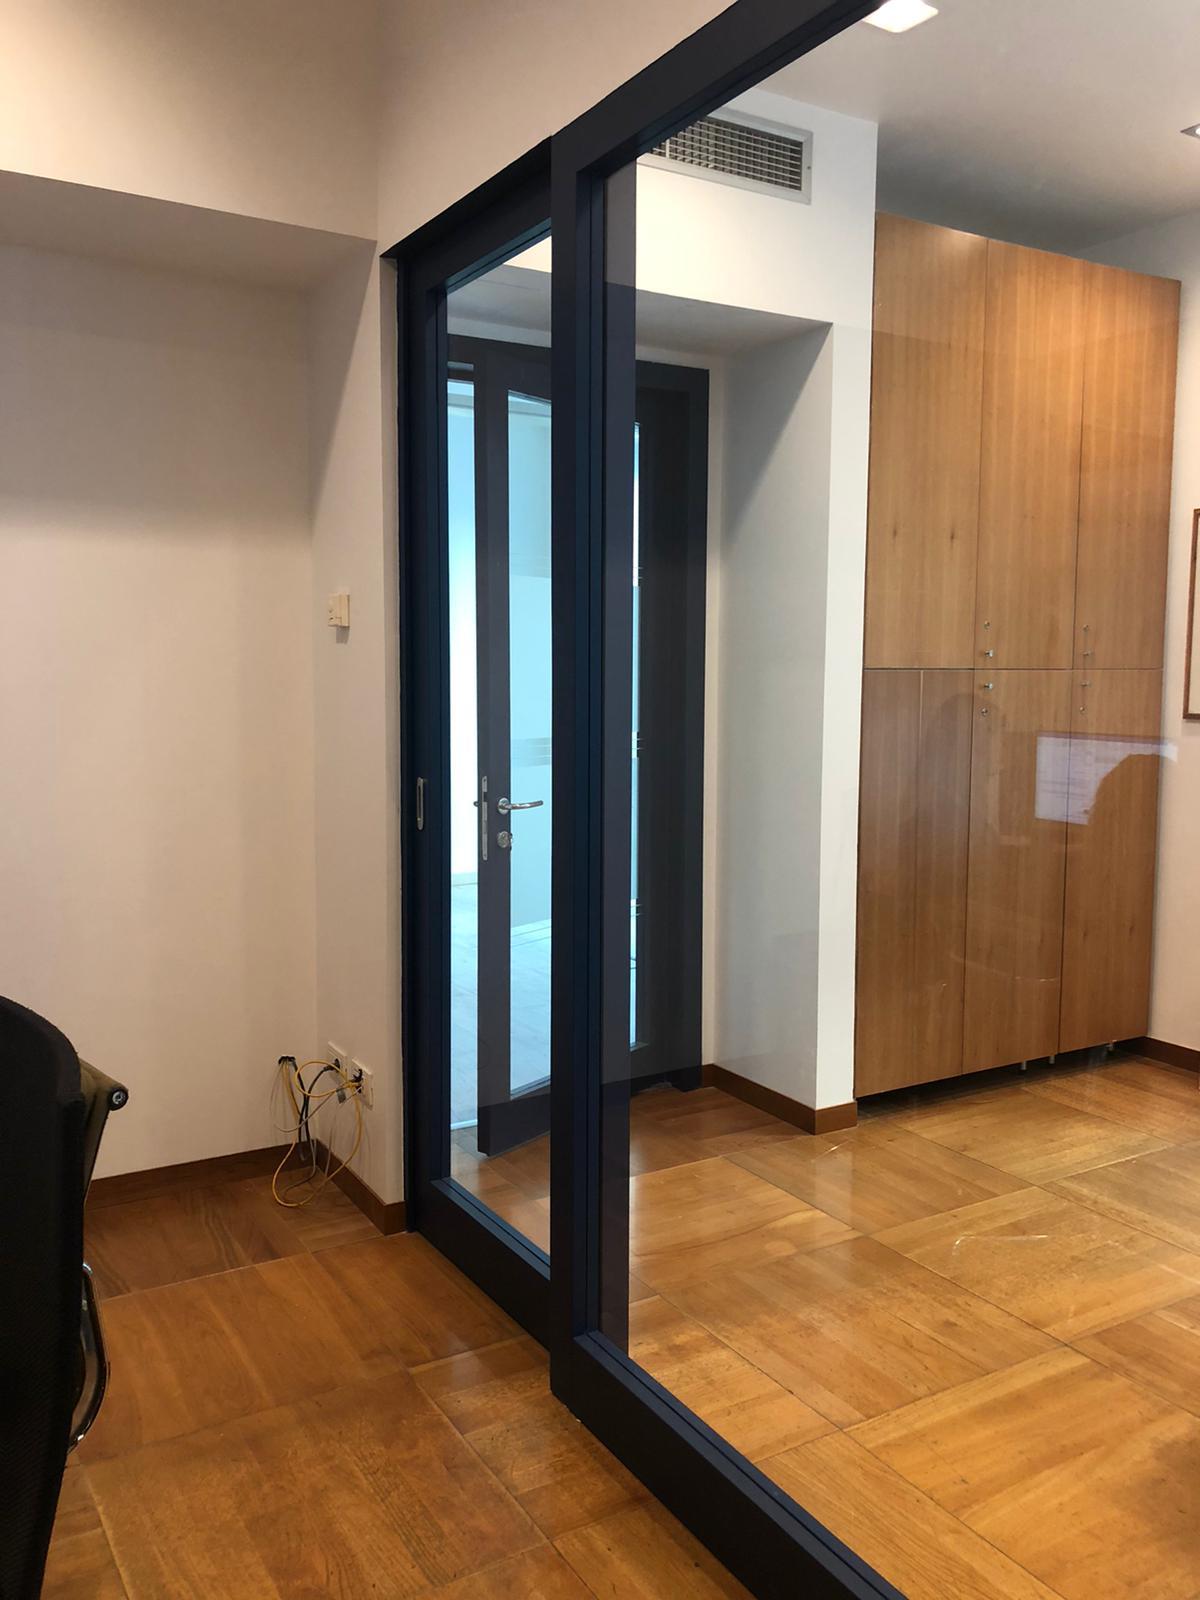 3. Corridoio uffici in parquet di legno posati a cassettoni regolari e illuminazione led a soffitto: lavori ultimati.